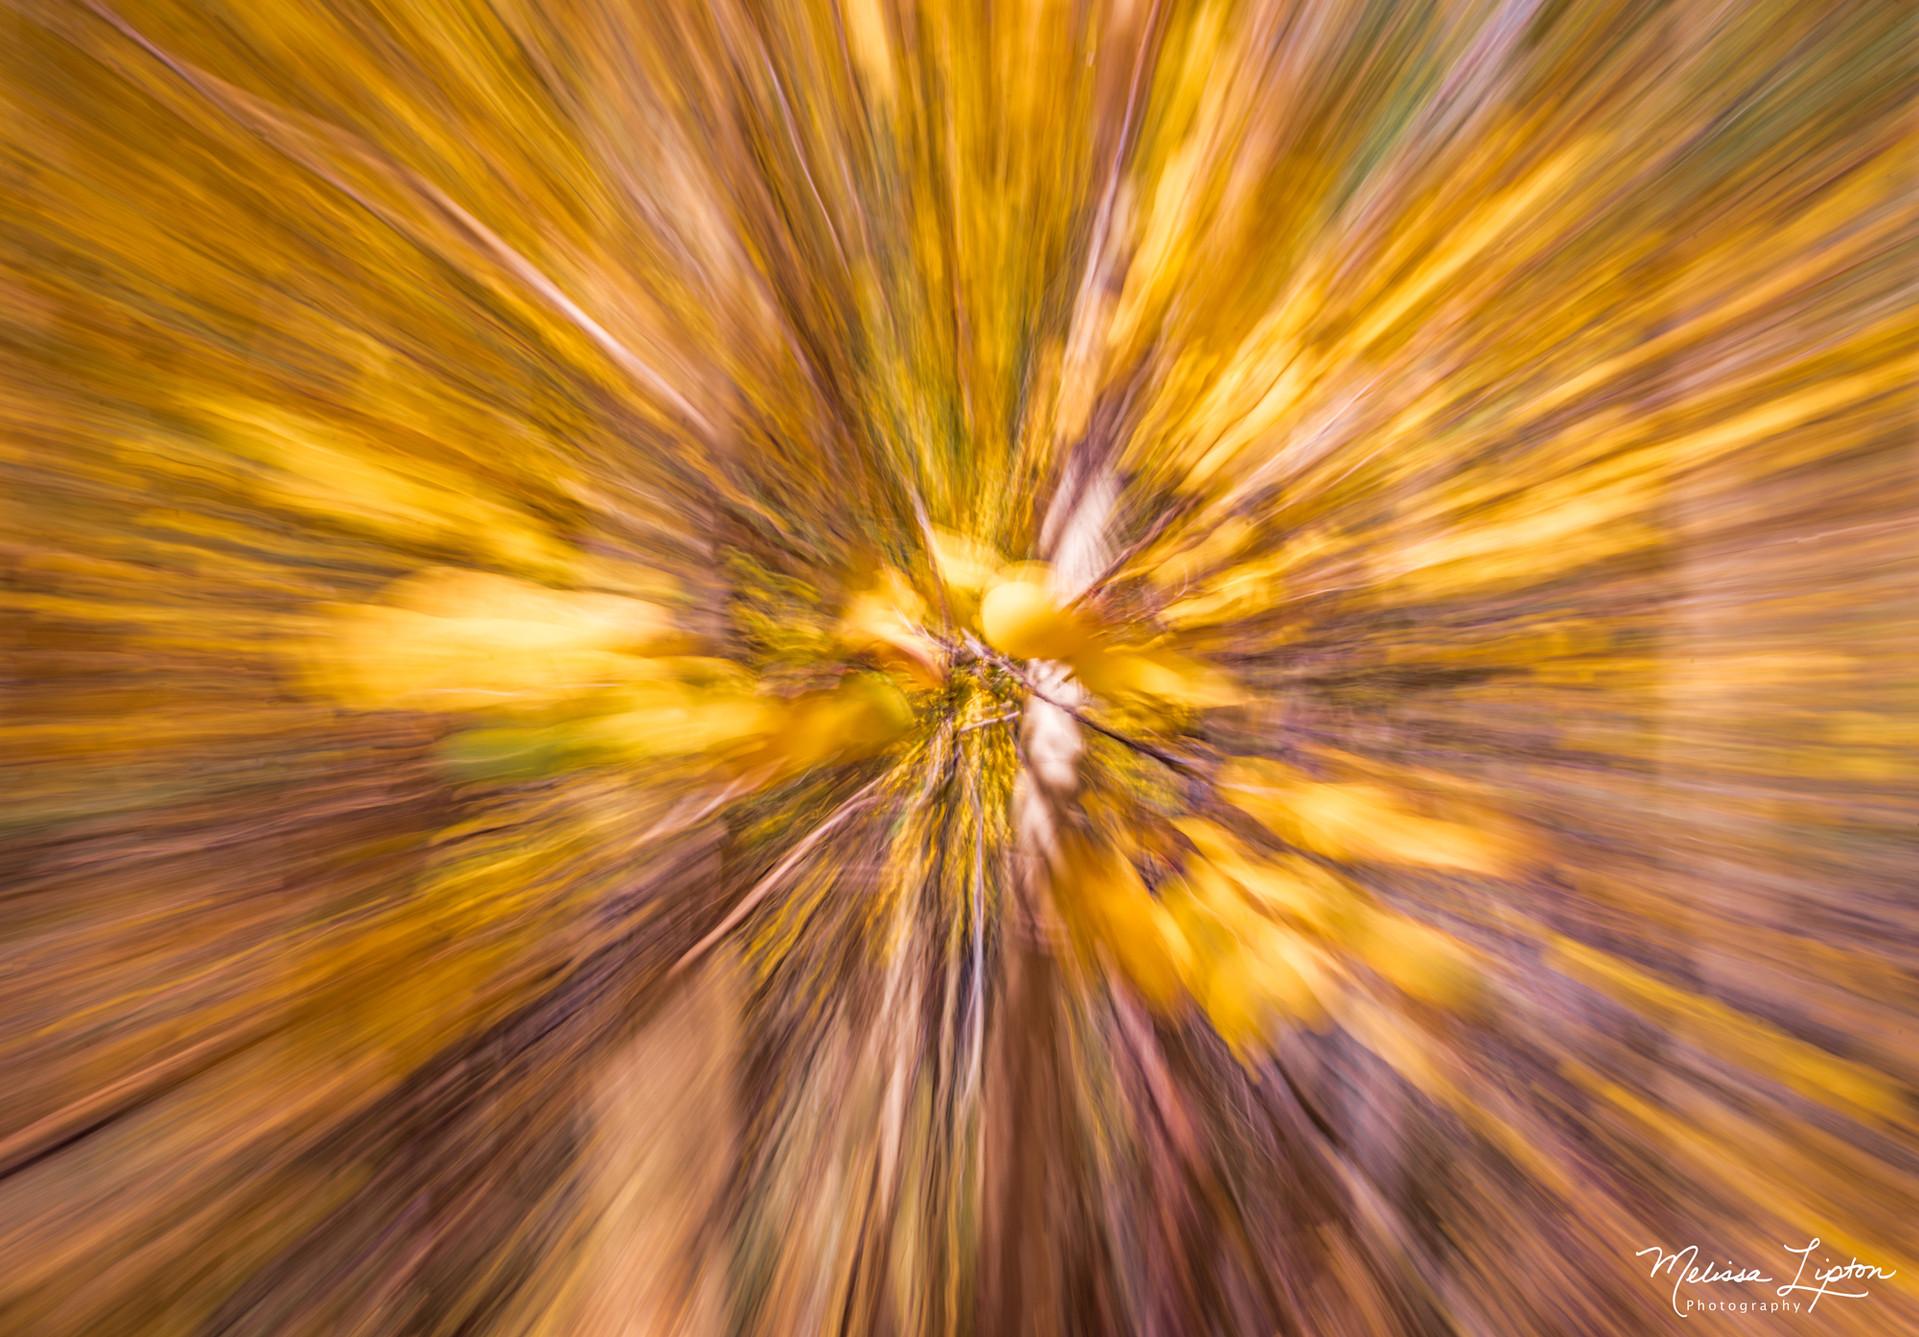 Abstracts / Still Life